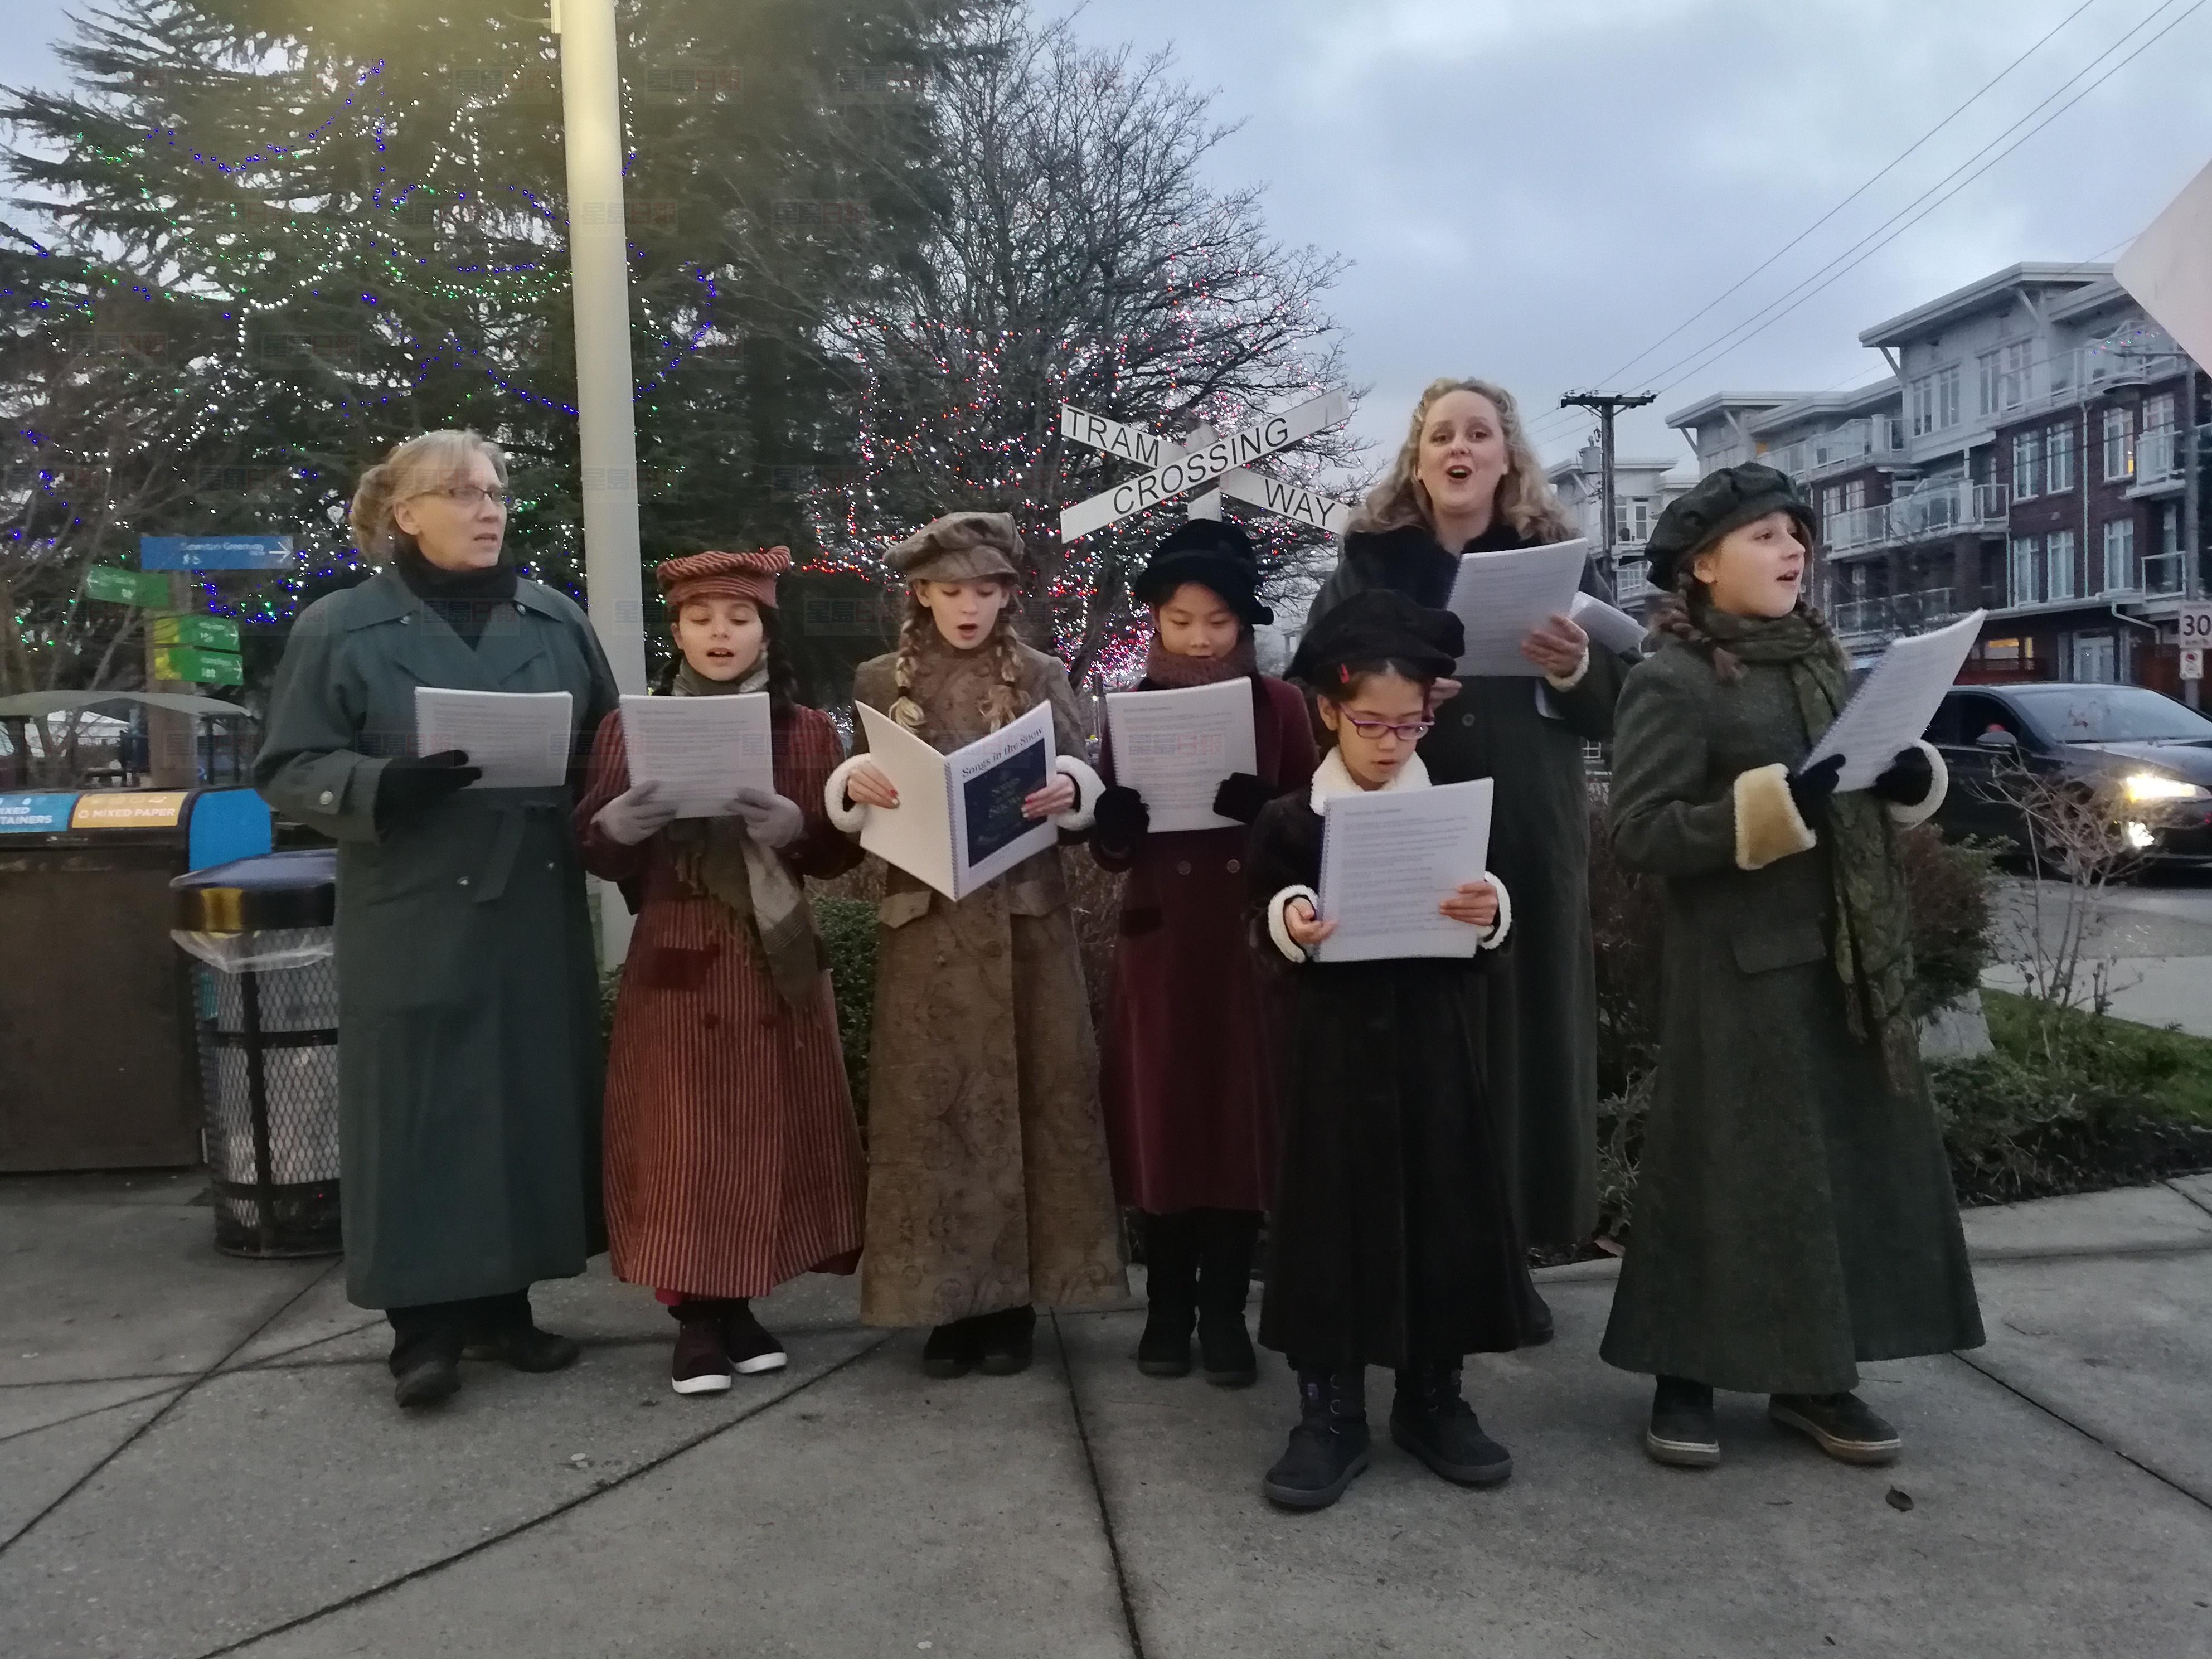 埃尔德(左)与合唱团献唱经典圣诞歌曲。